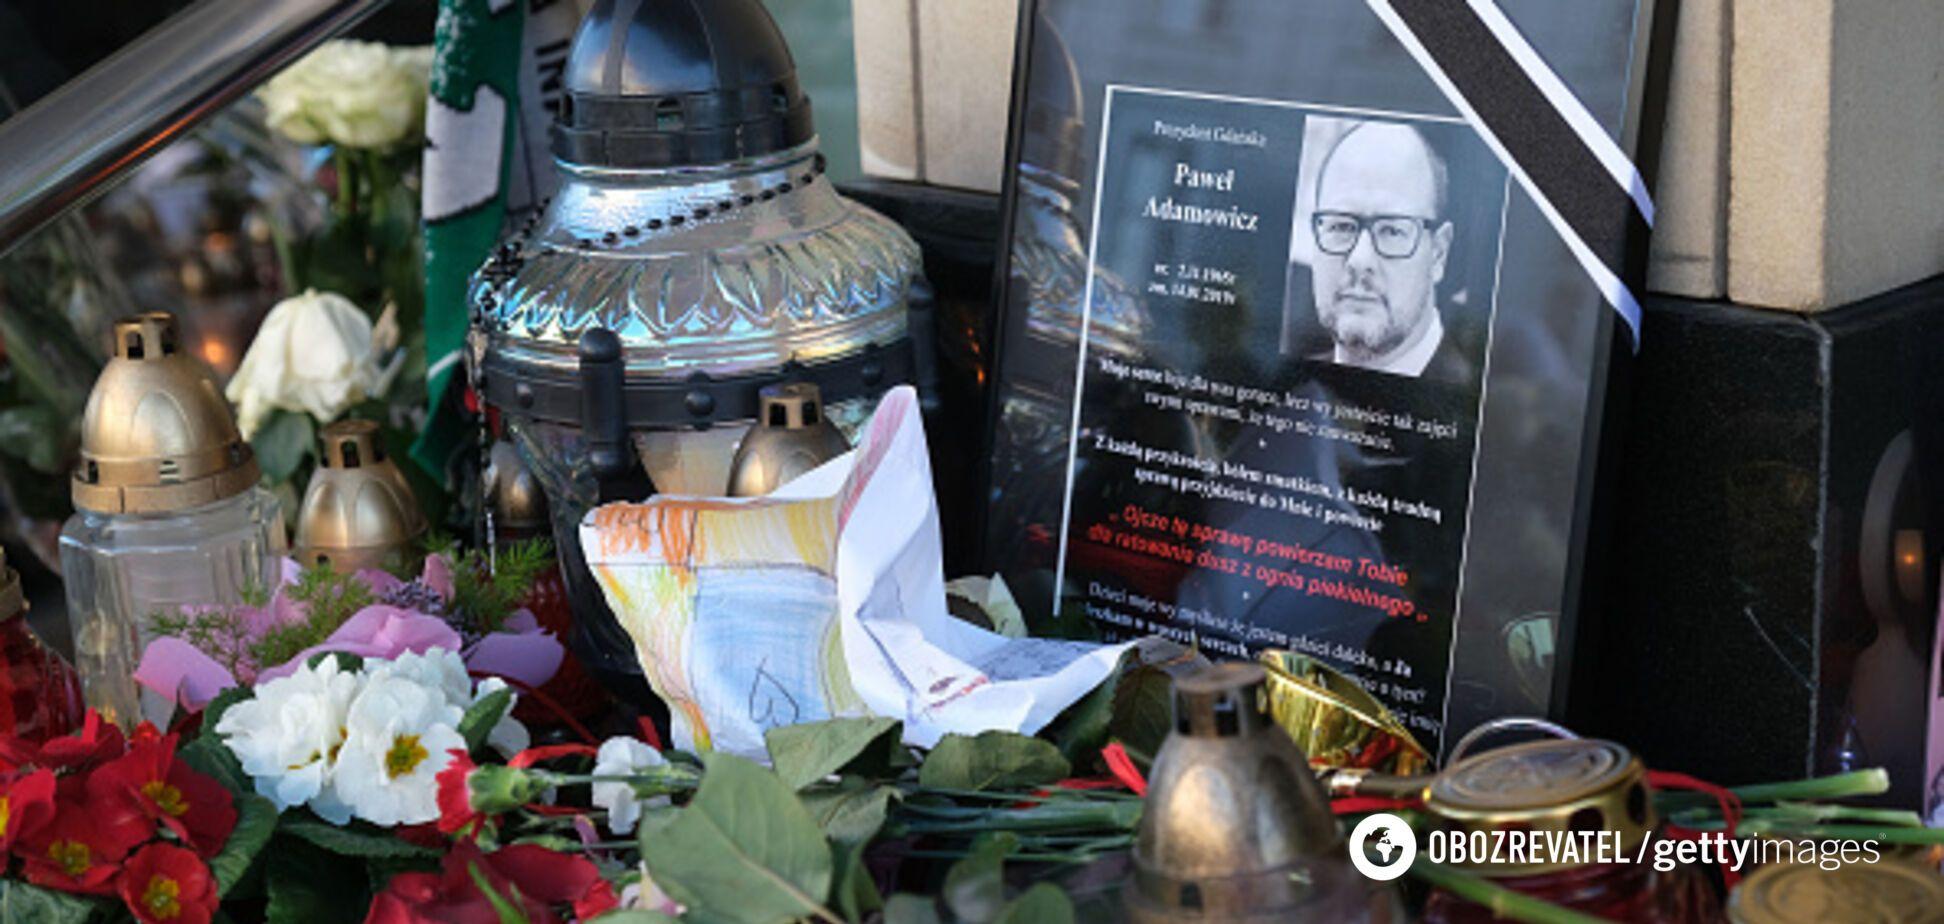 Національне горе: у Польщі пройшла церемонія прощання з убитим мером Гданська. Фото і відео